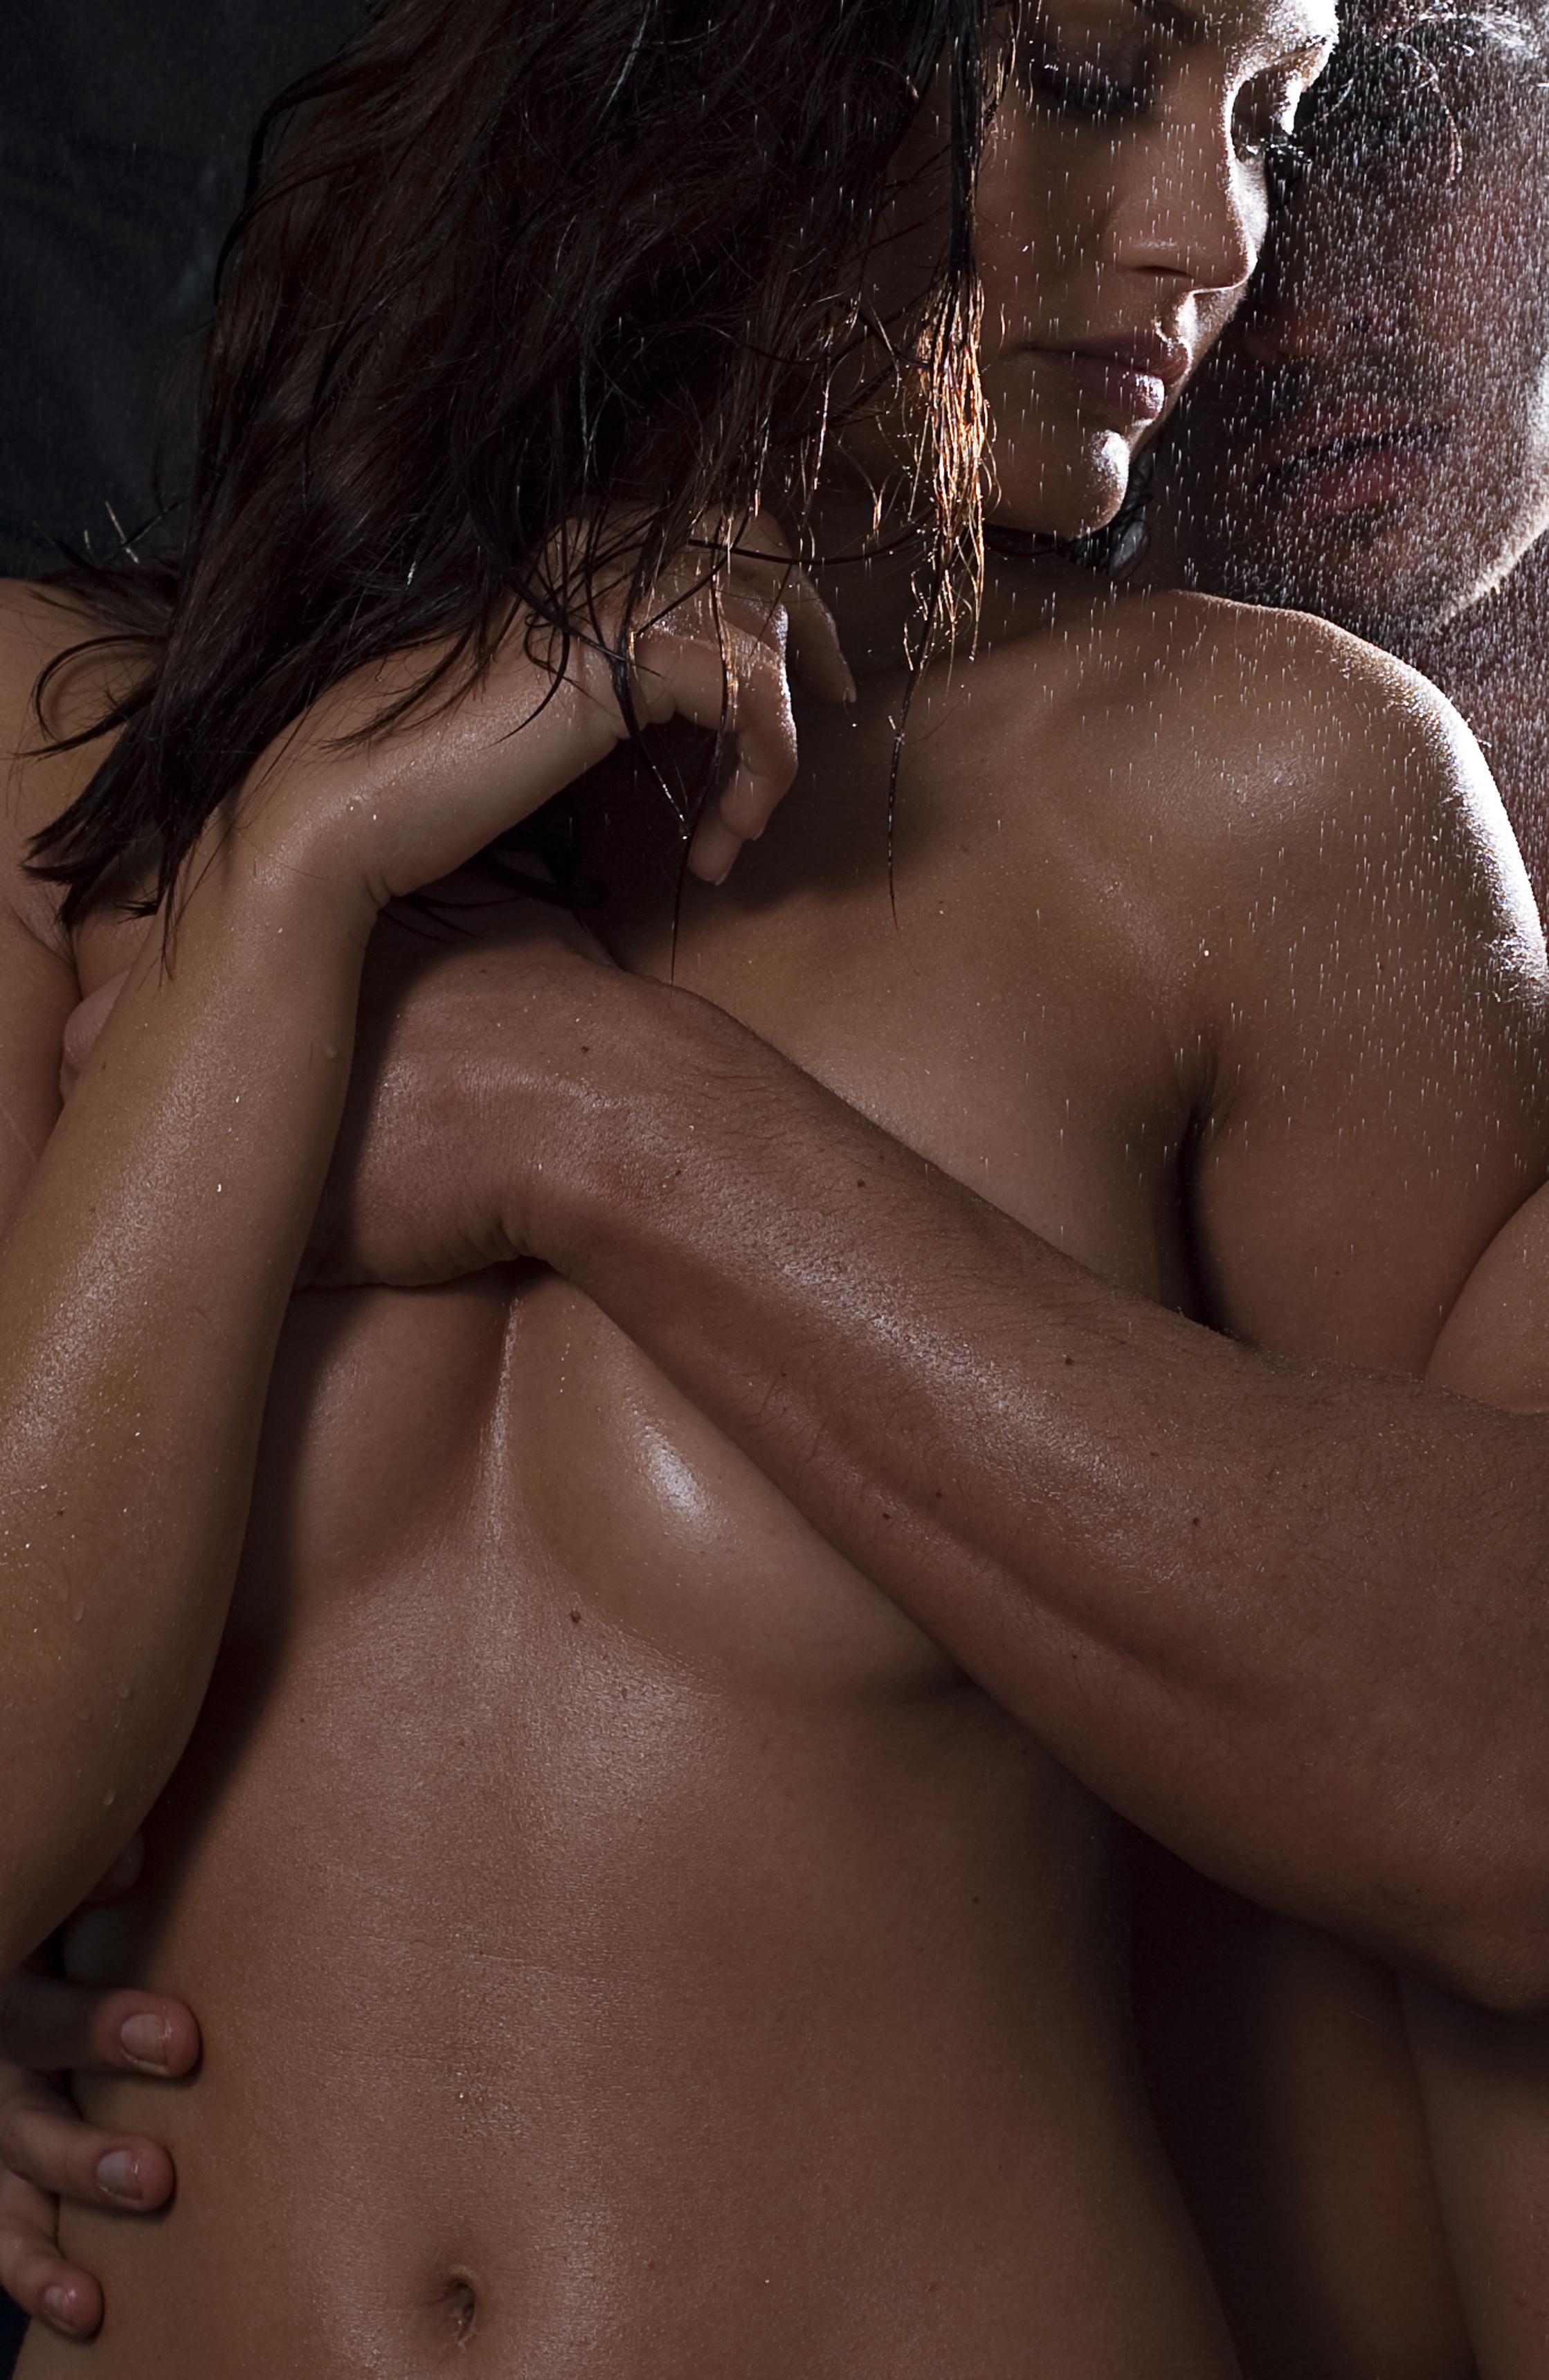 Naked embrace